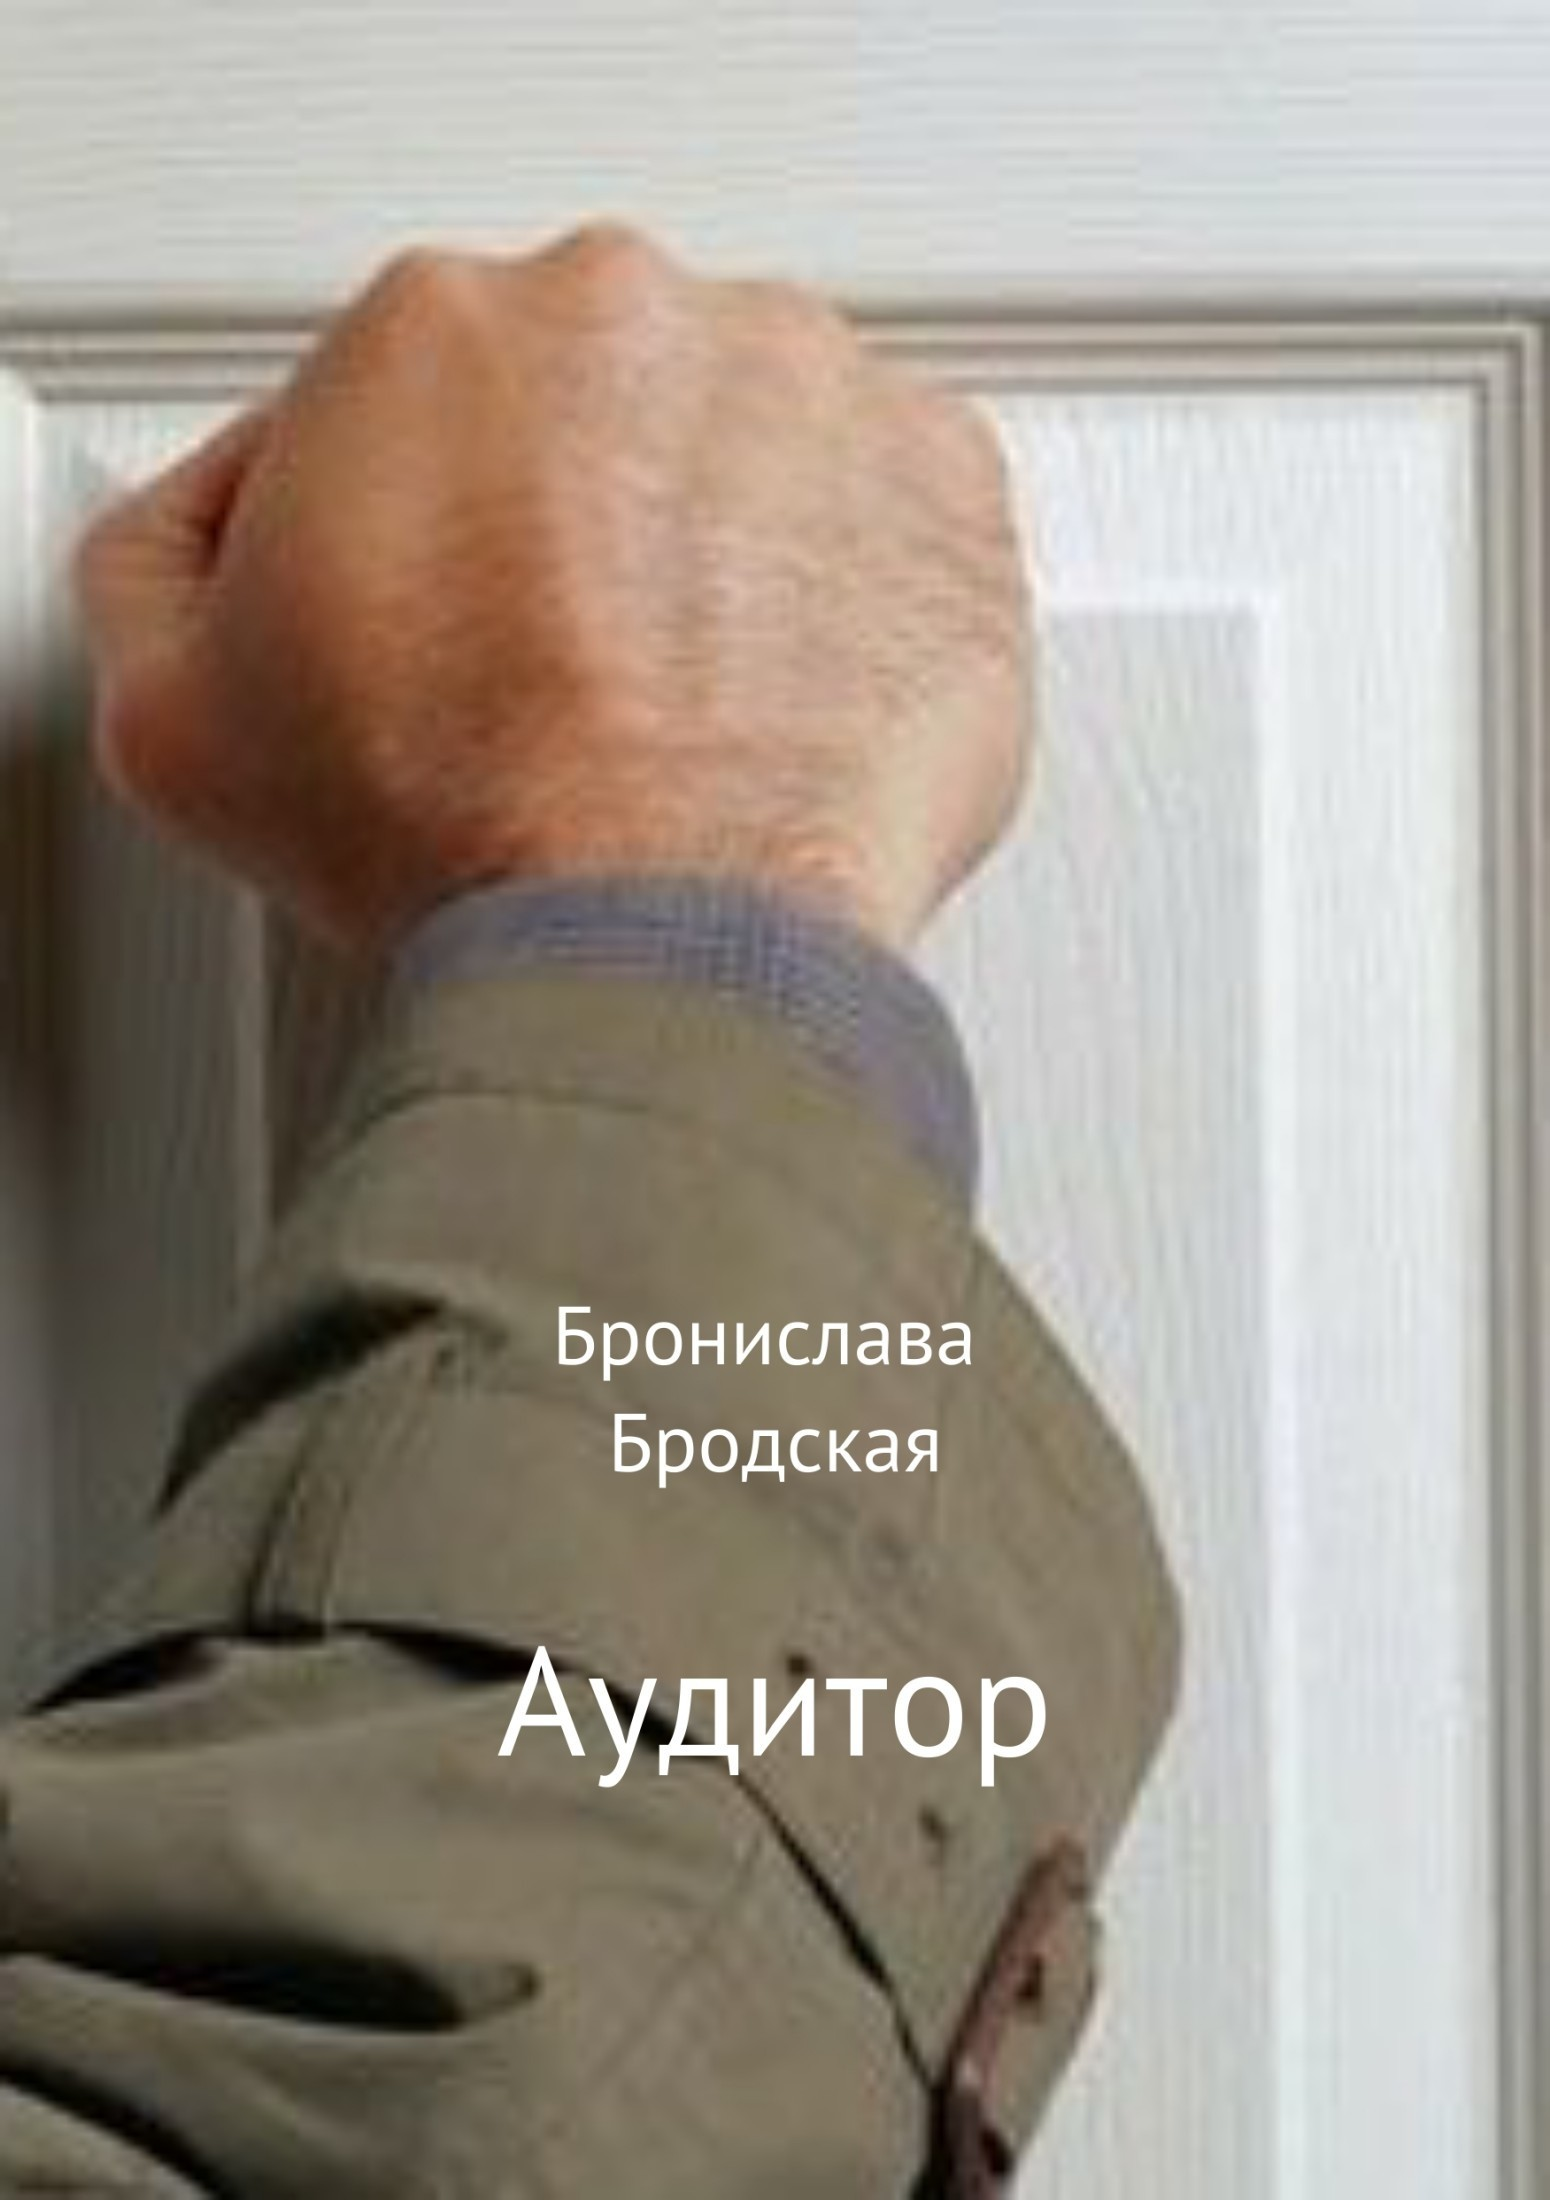 Бронислава Бродская Аудитор бронислава бродская графоман